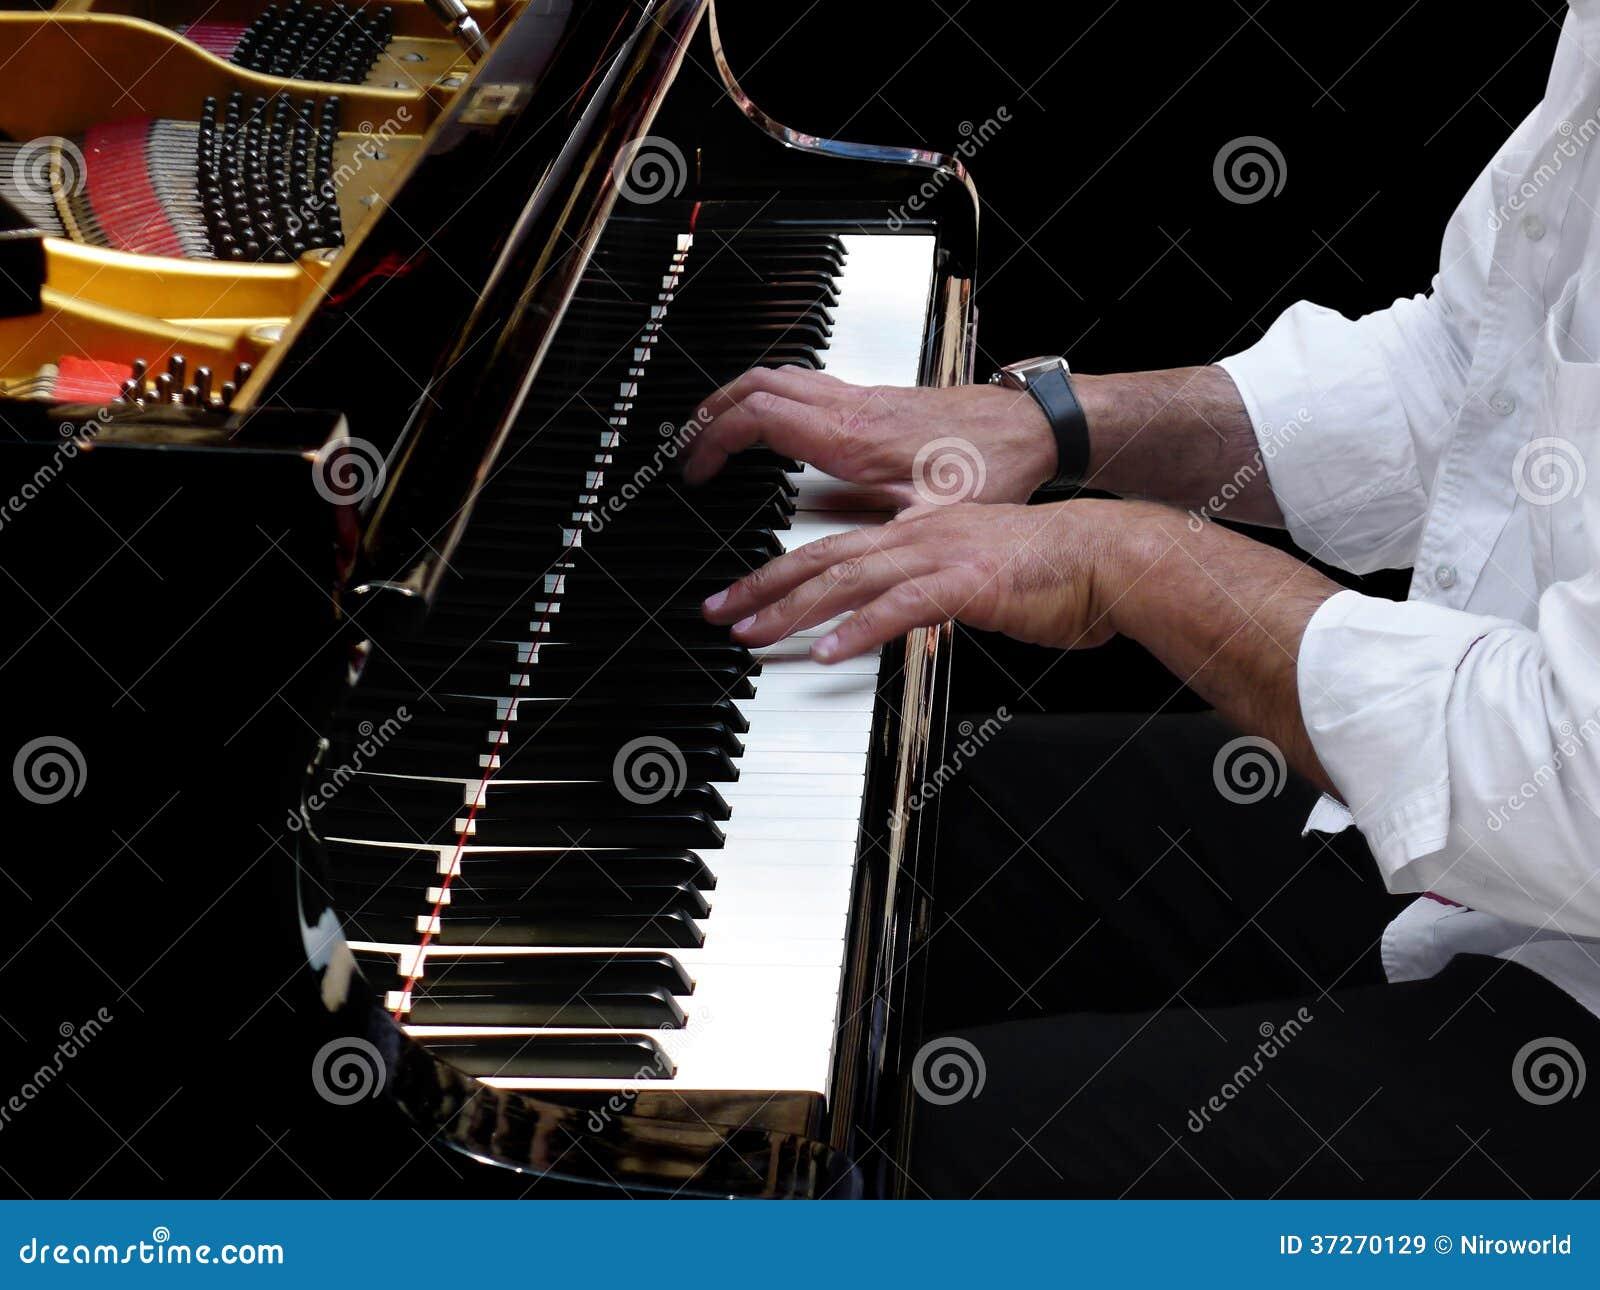 Pianiste Plays Jazz Music